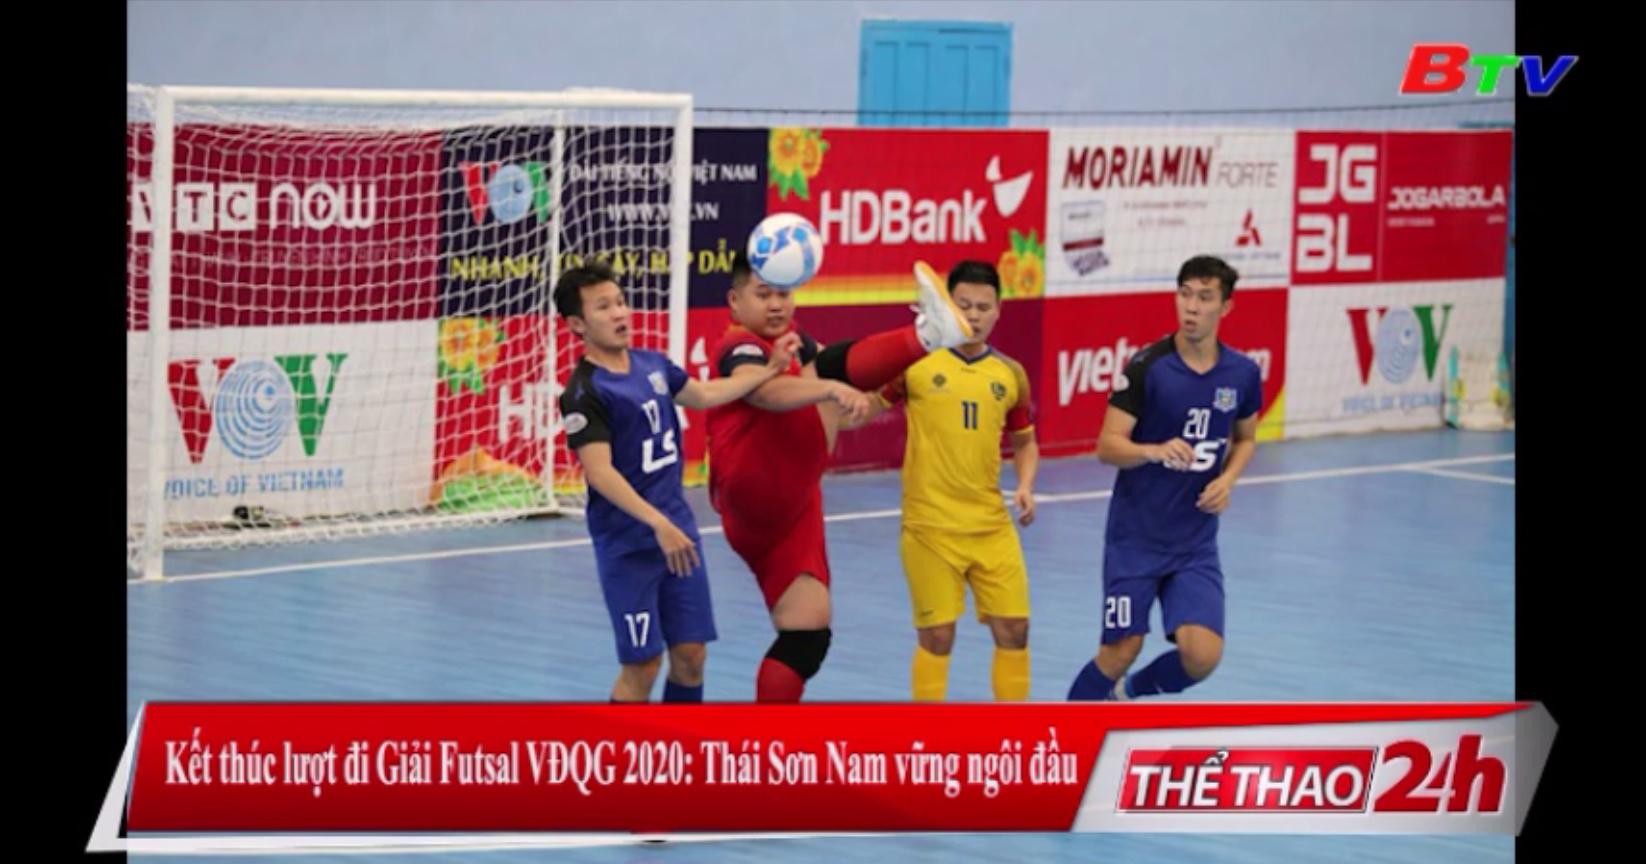 Kết thúc lượt đi Giải Futsal VĐQG 2020 – Thái Sơn Nam vững ngôi đầu